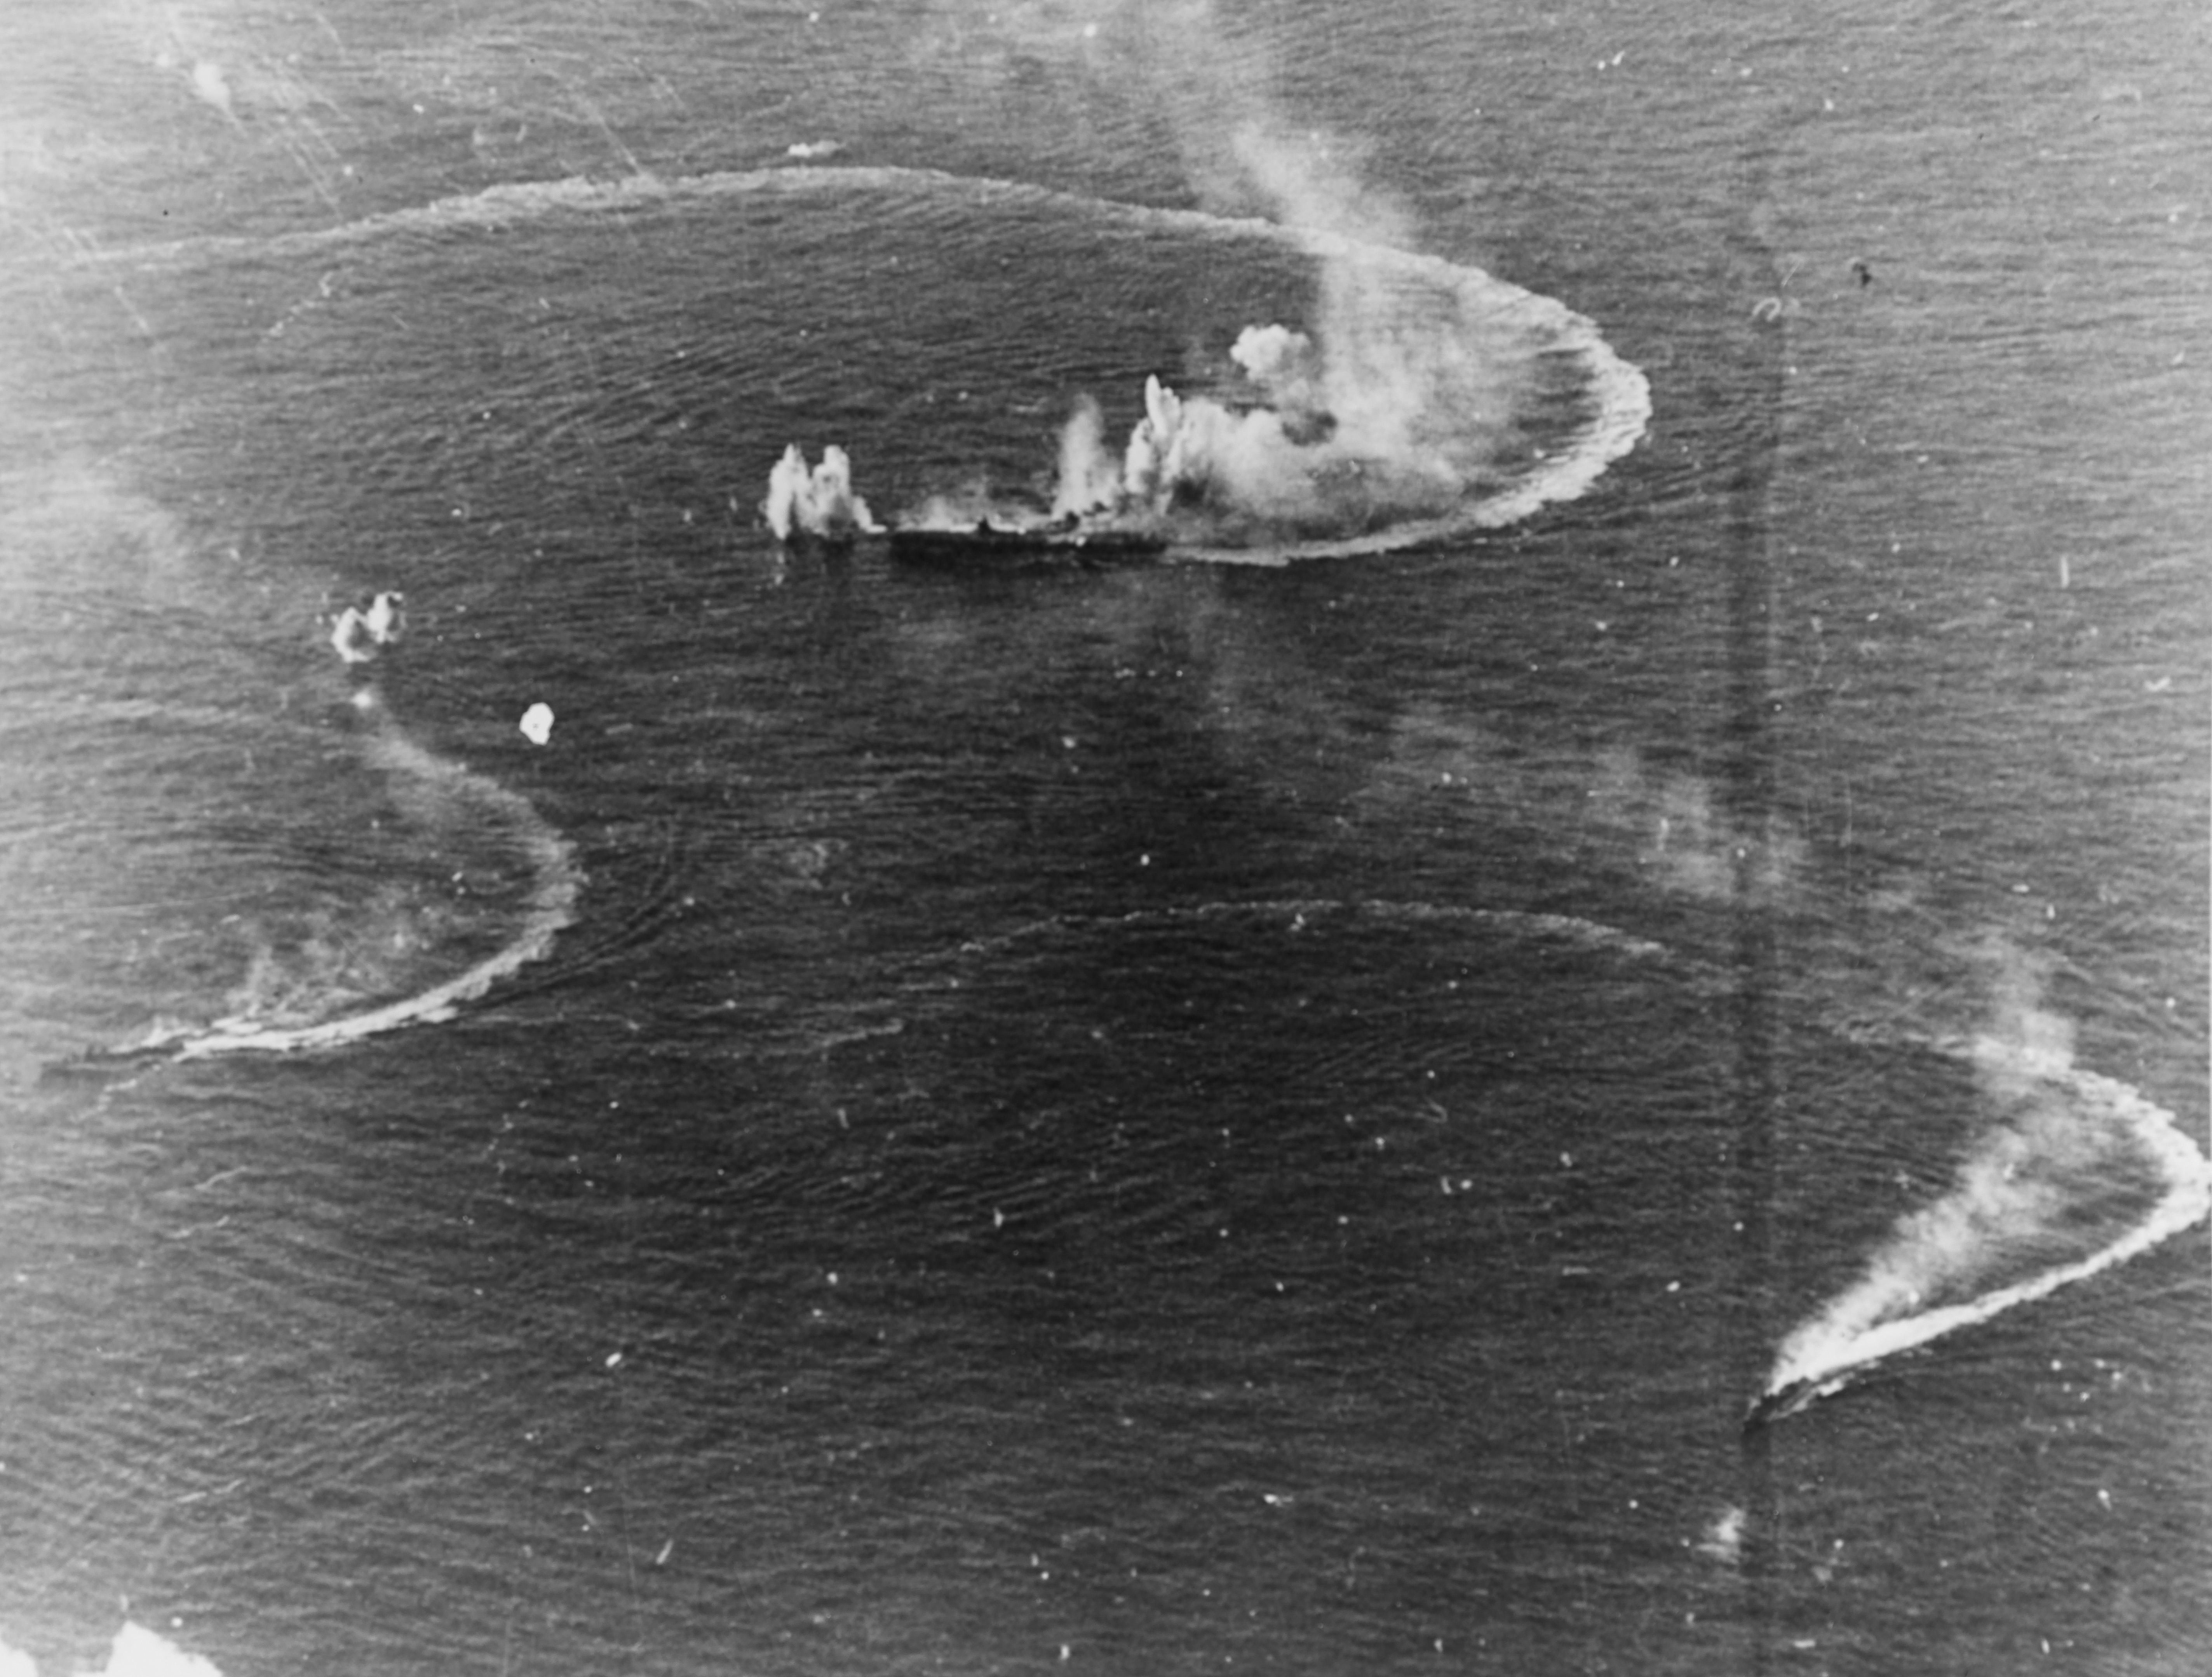 アメリカ軍の攻撃を受ける空母瑞鶴と駆逐艦2隻